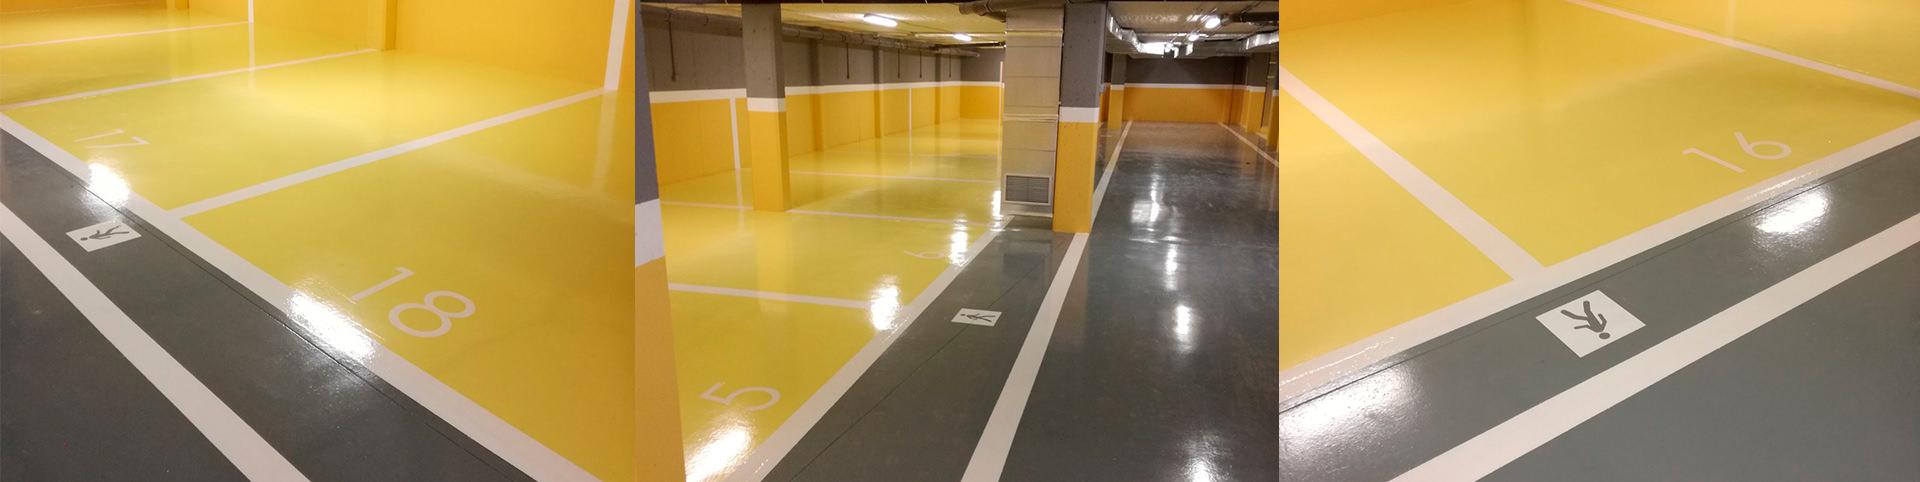 pavimento parking en javea - tudepa